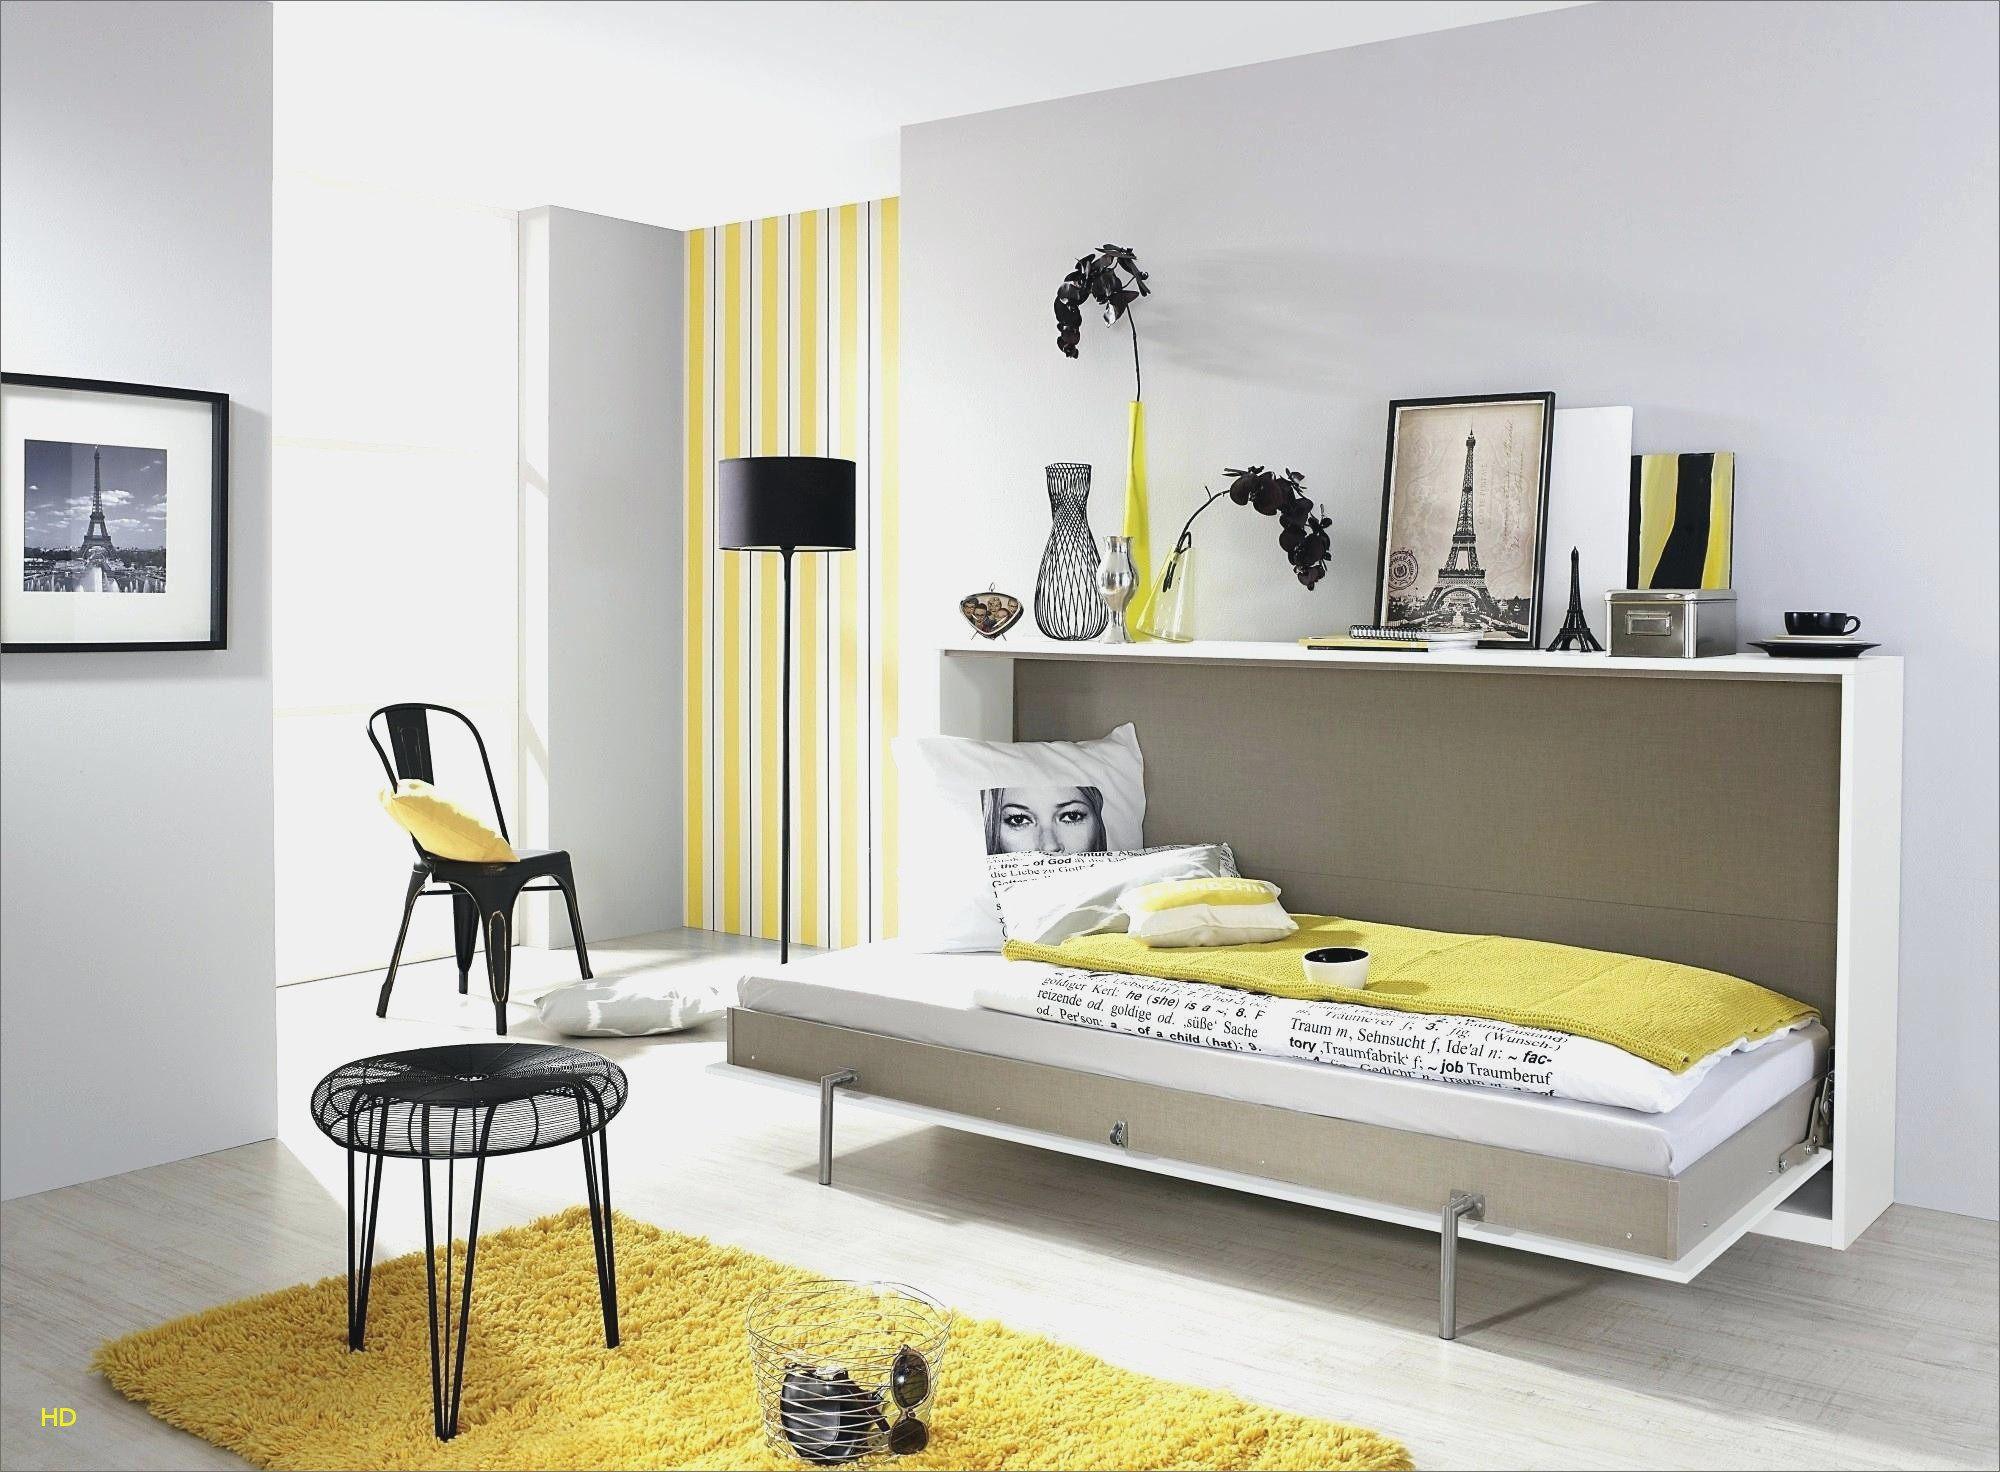 Lit Bois Ikea Nouveau Décoratif Chambre D Ado Pour Fille Et Chambre Ado Fille Ikea Lit 2